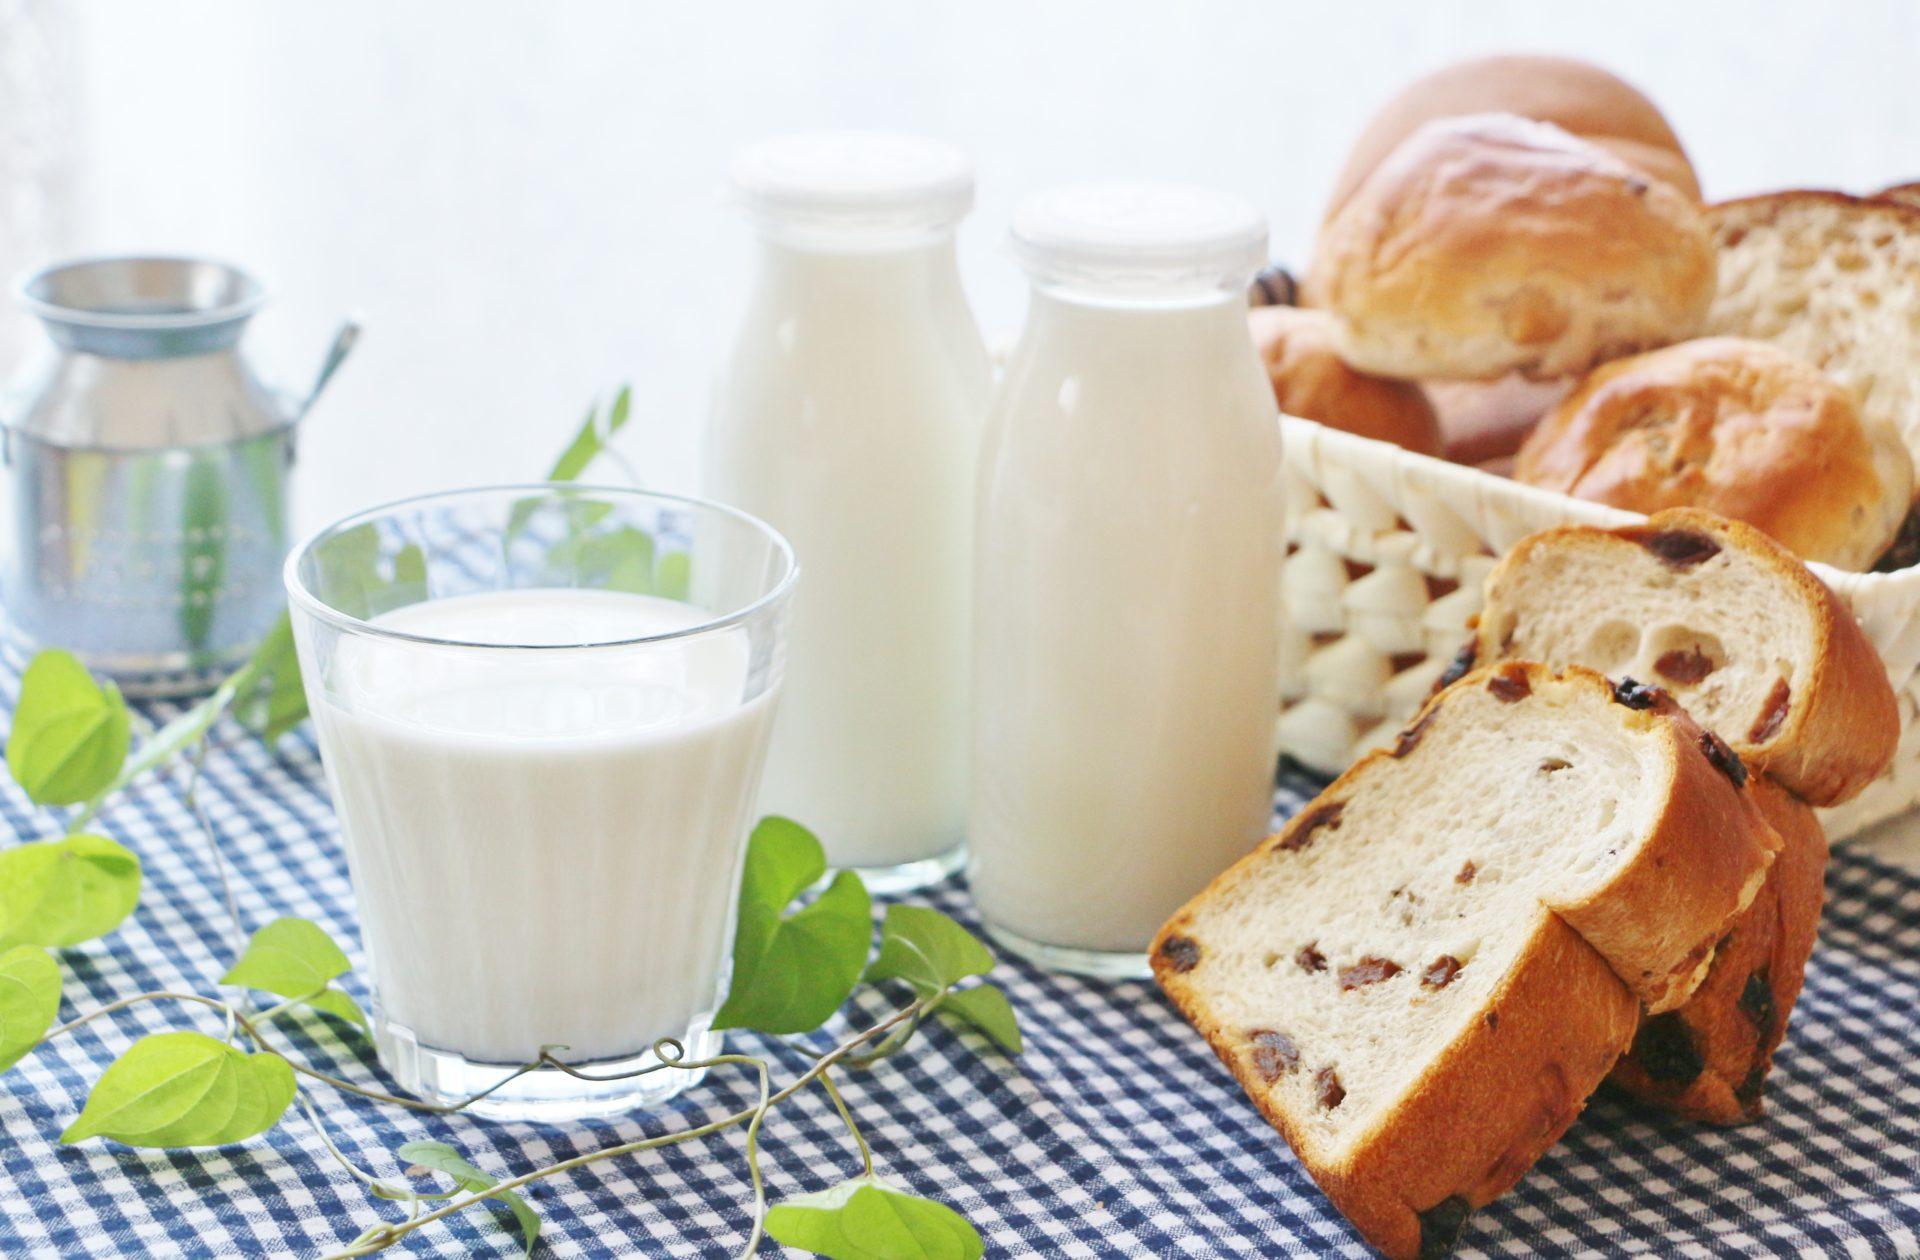 パン好きの牛乳 売ってる場所